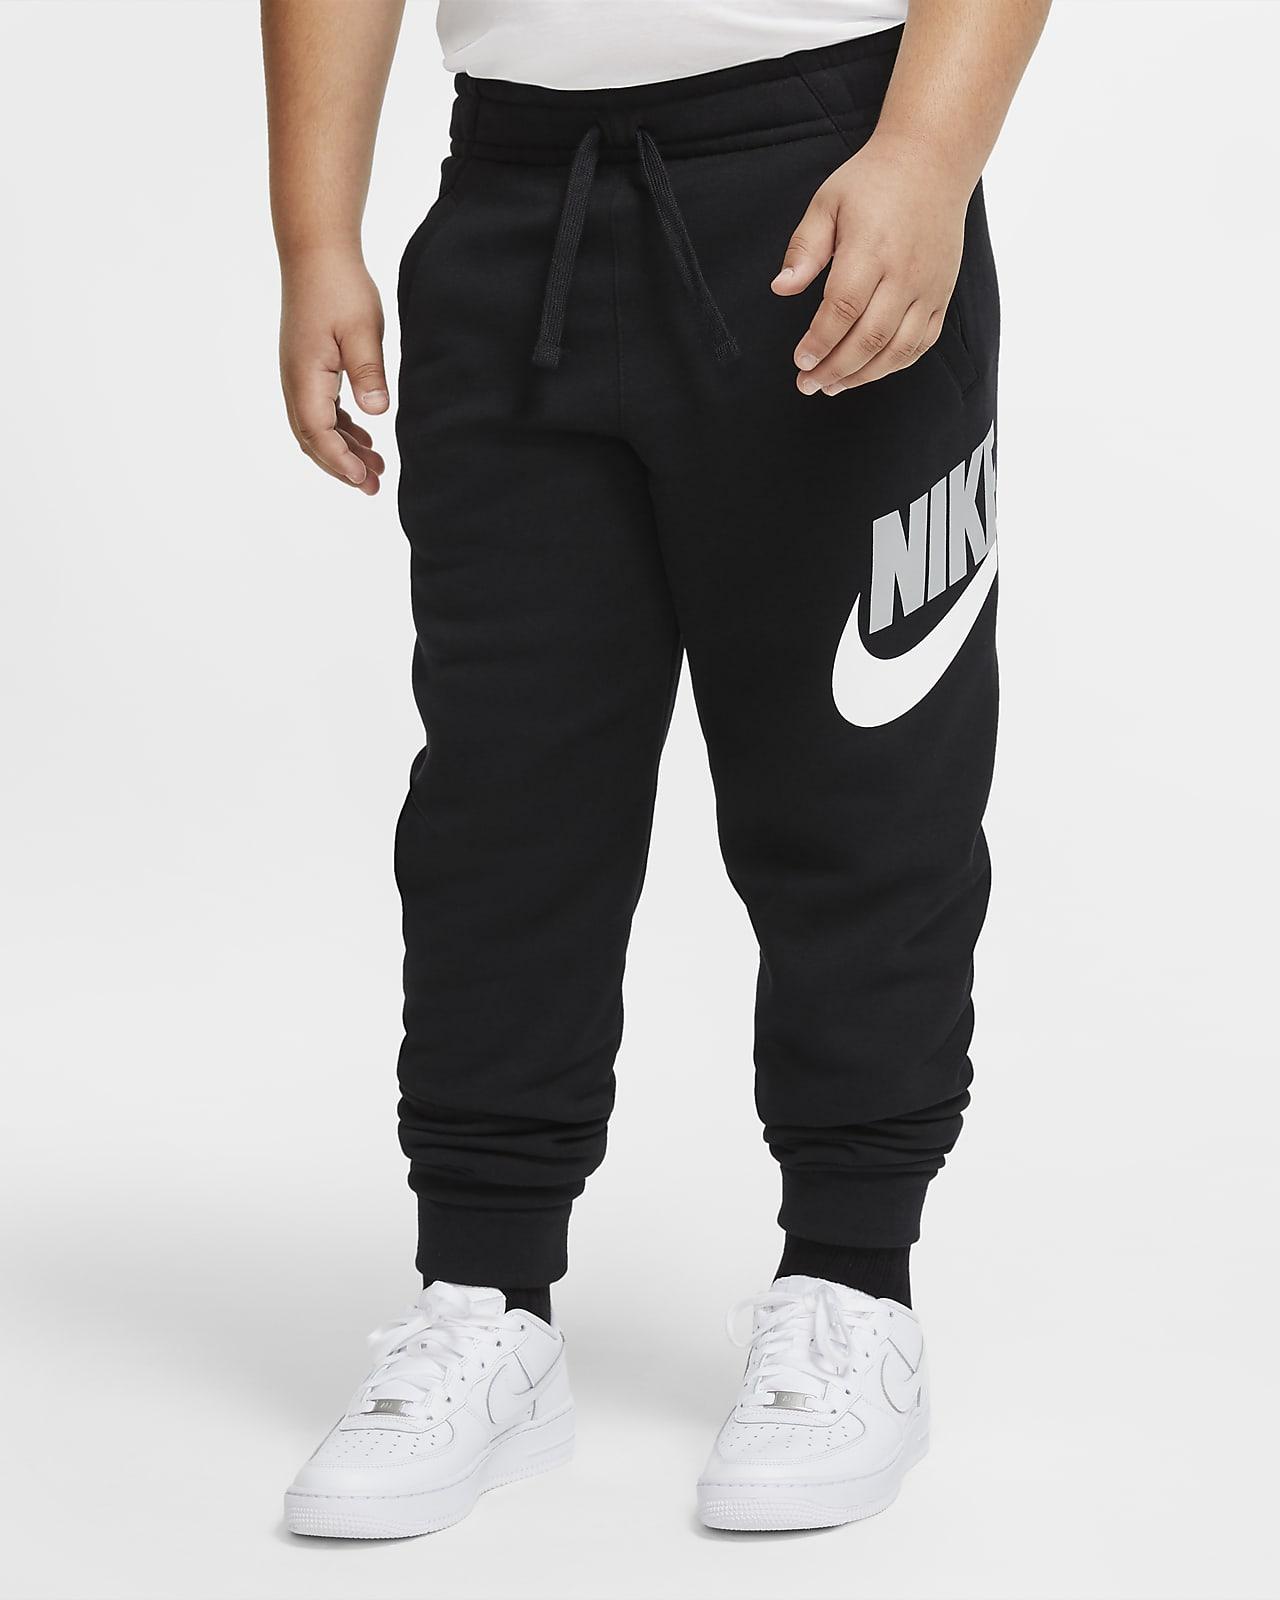 Spodnie dla dużych dzieci (chłopców) Nike Sportswear Club Fleece (o wydłużonym rozmiarze)